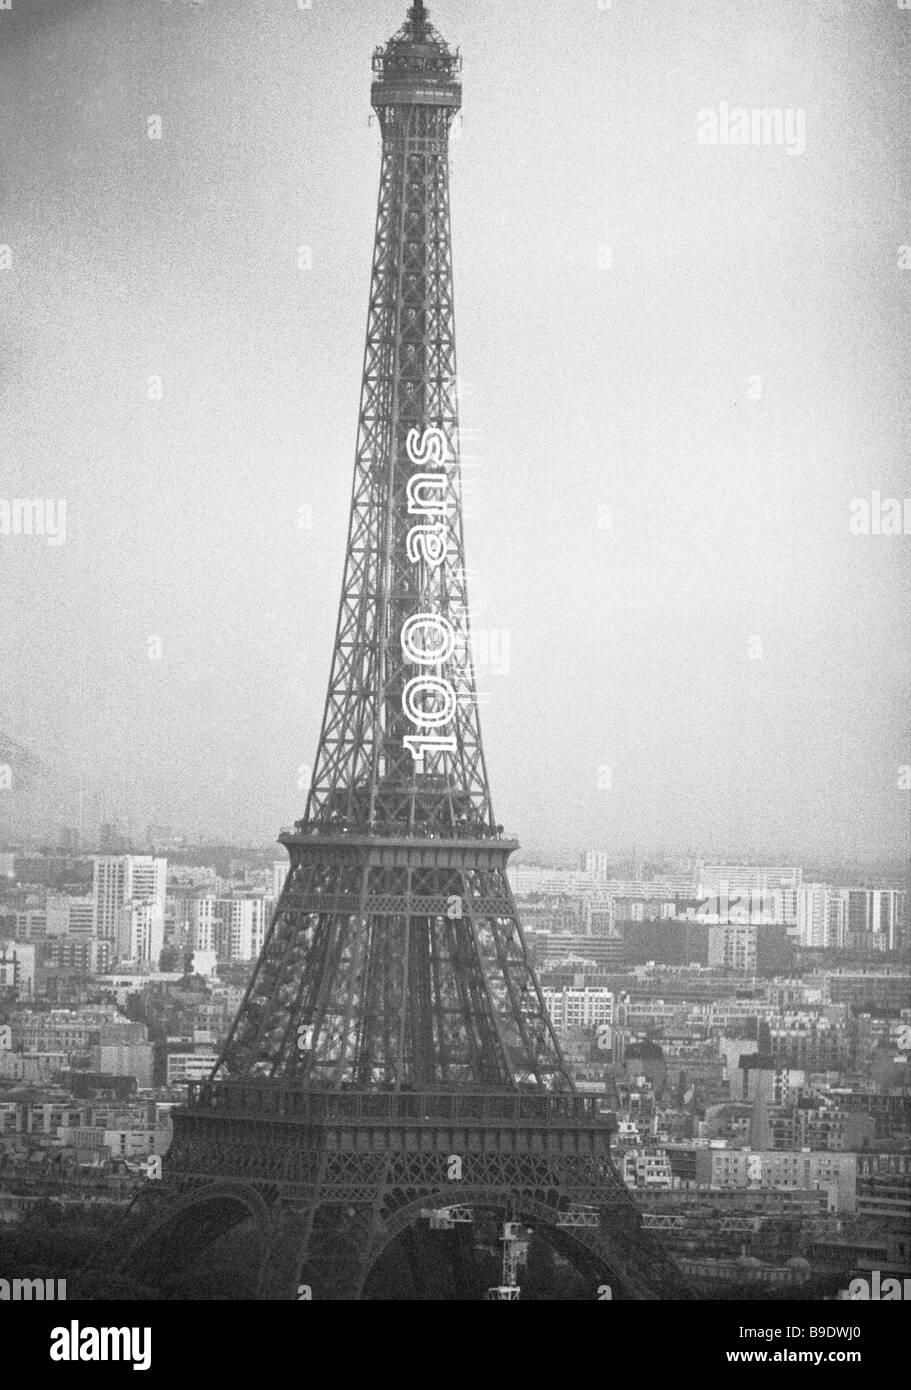 La Tour Eiffel Eiffel Tower in Paris Banque D'Images